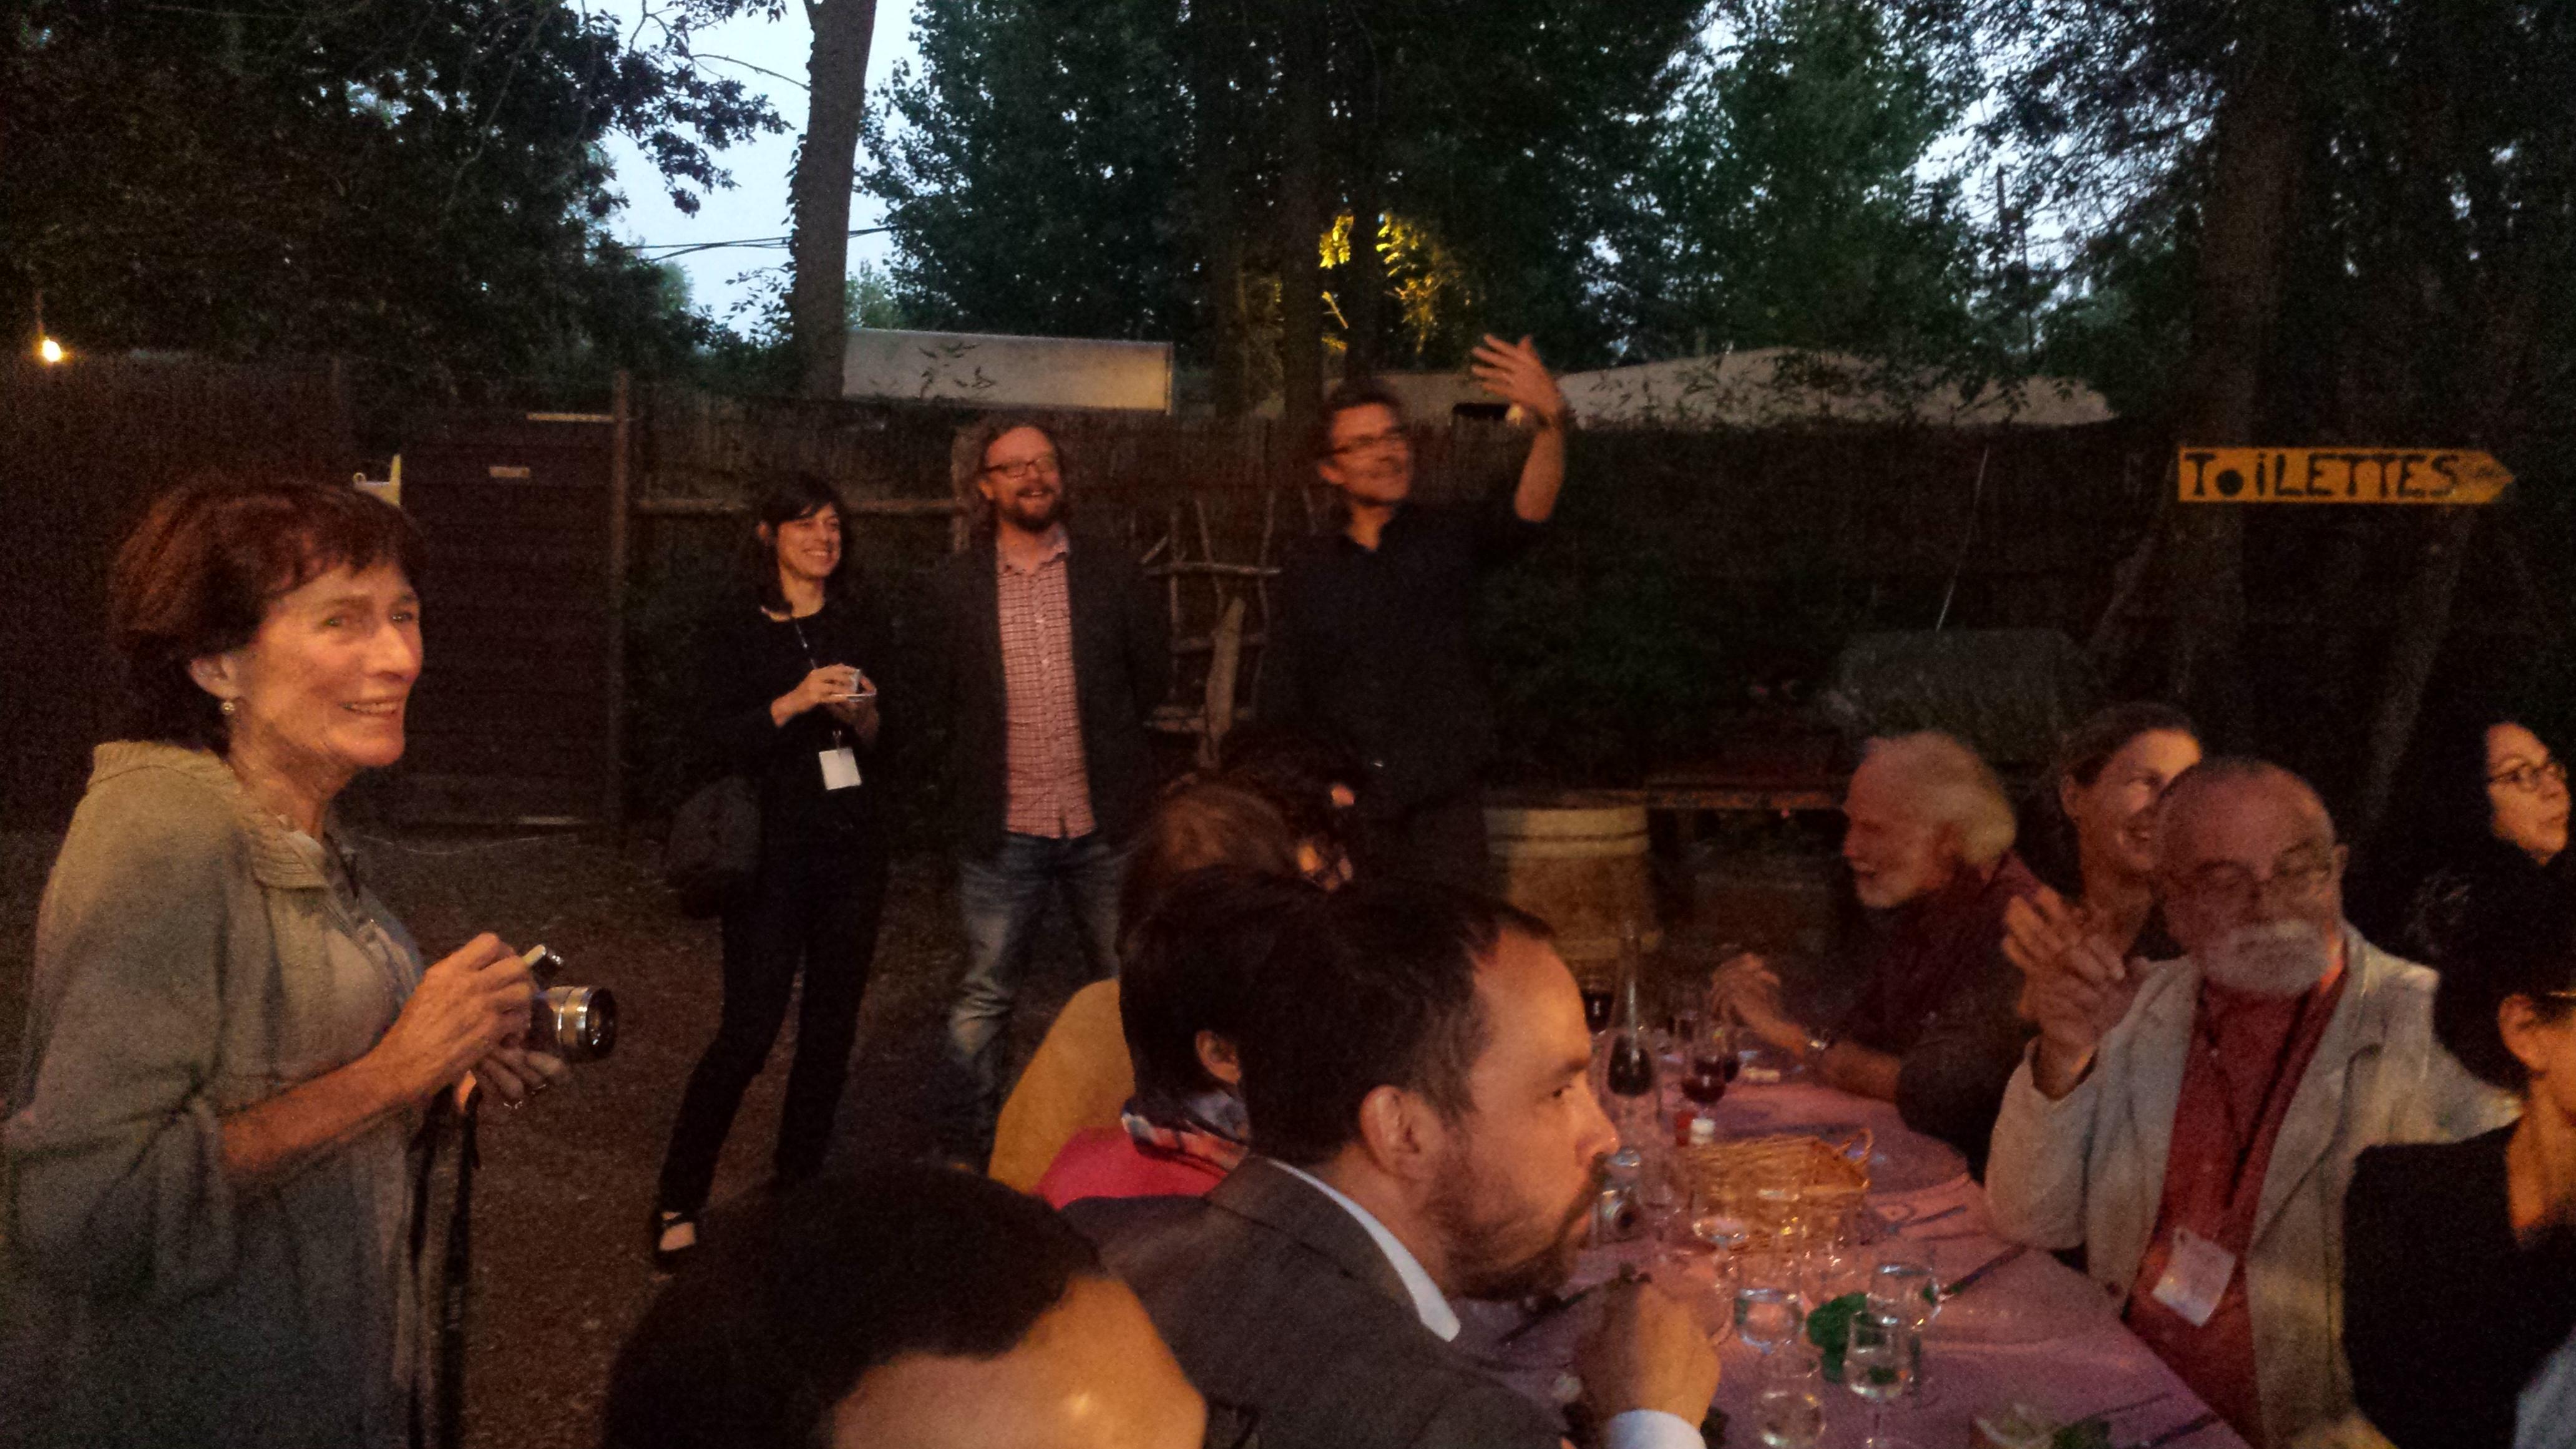 petteri-toasts-eshhs-thanks-host-sharman-levinson-treasurer-jannes-eshuis-2015-2